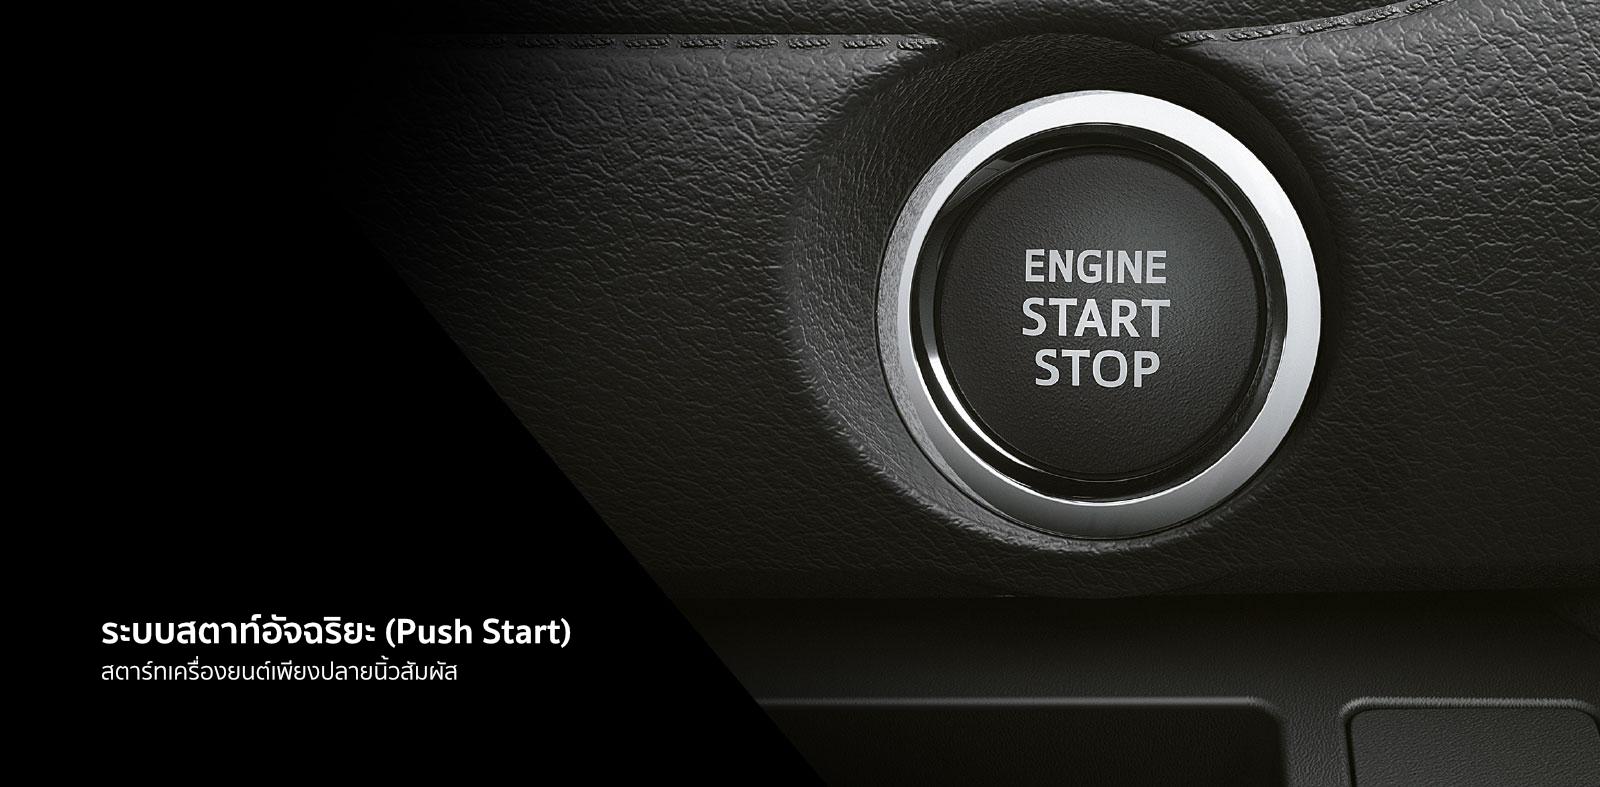 ระบบสตาท์อัจฉริยะ (Push Start) สตาร์ทเครื่องยนต์เพียงปลายนิ้วสัมผัส